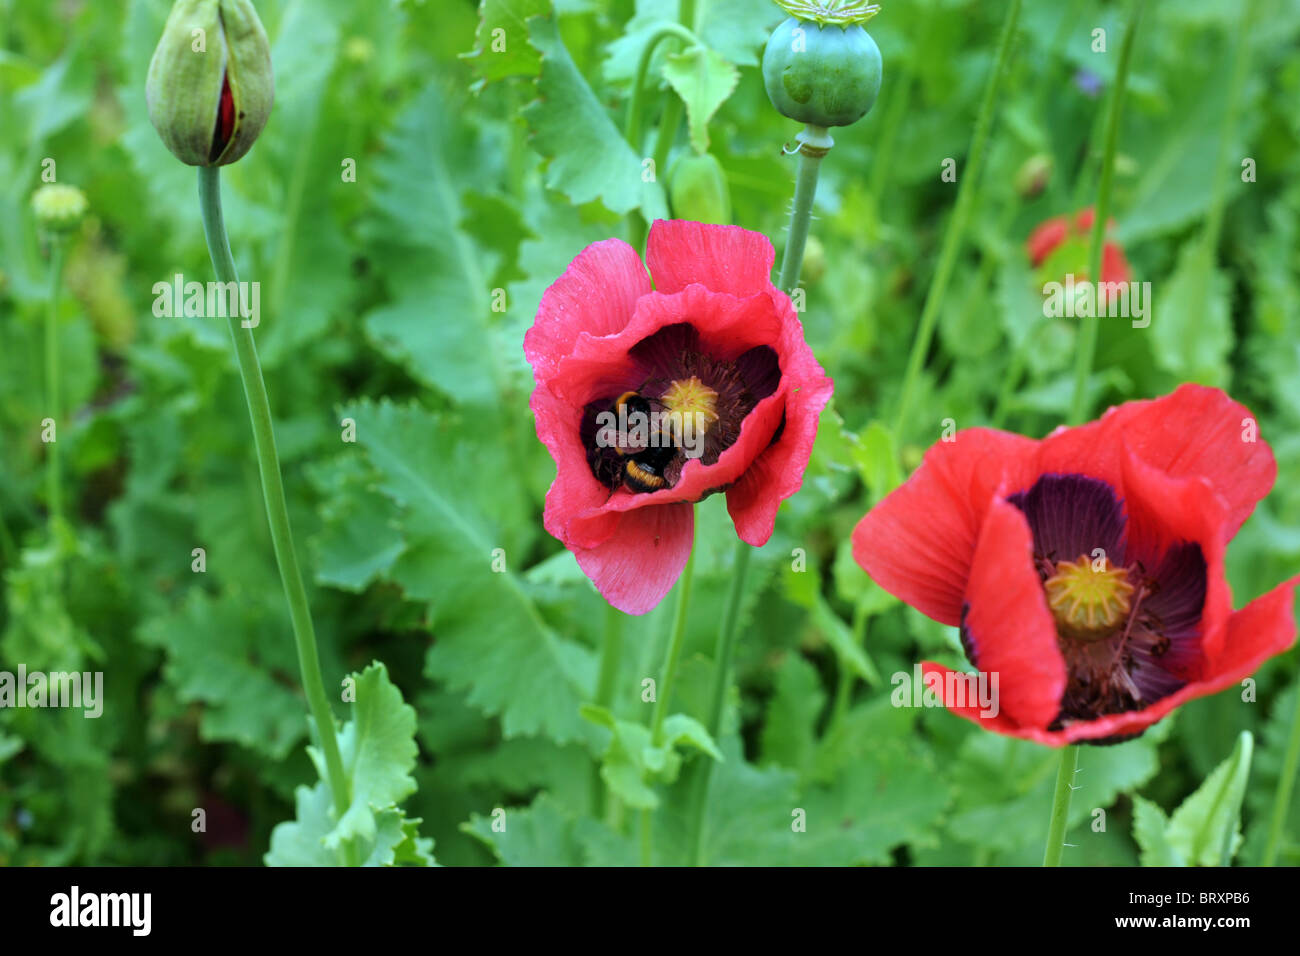 Deux coquelicots rose vif s'ouvrent à l'opposé avec la toile de fond des feuilles vertes. Banque D'Images